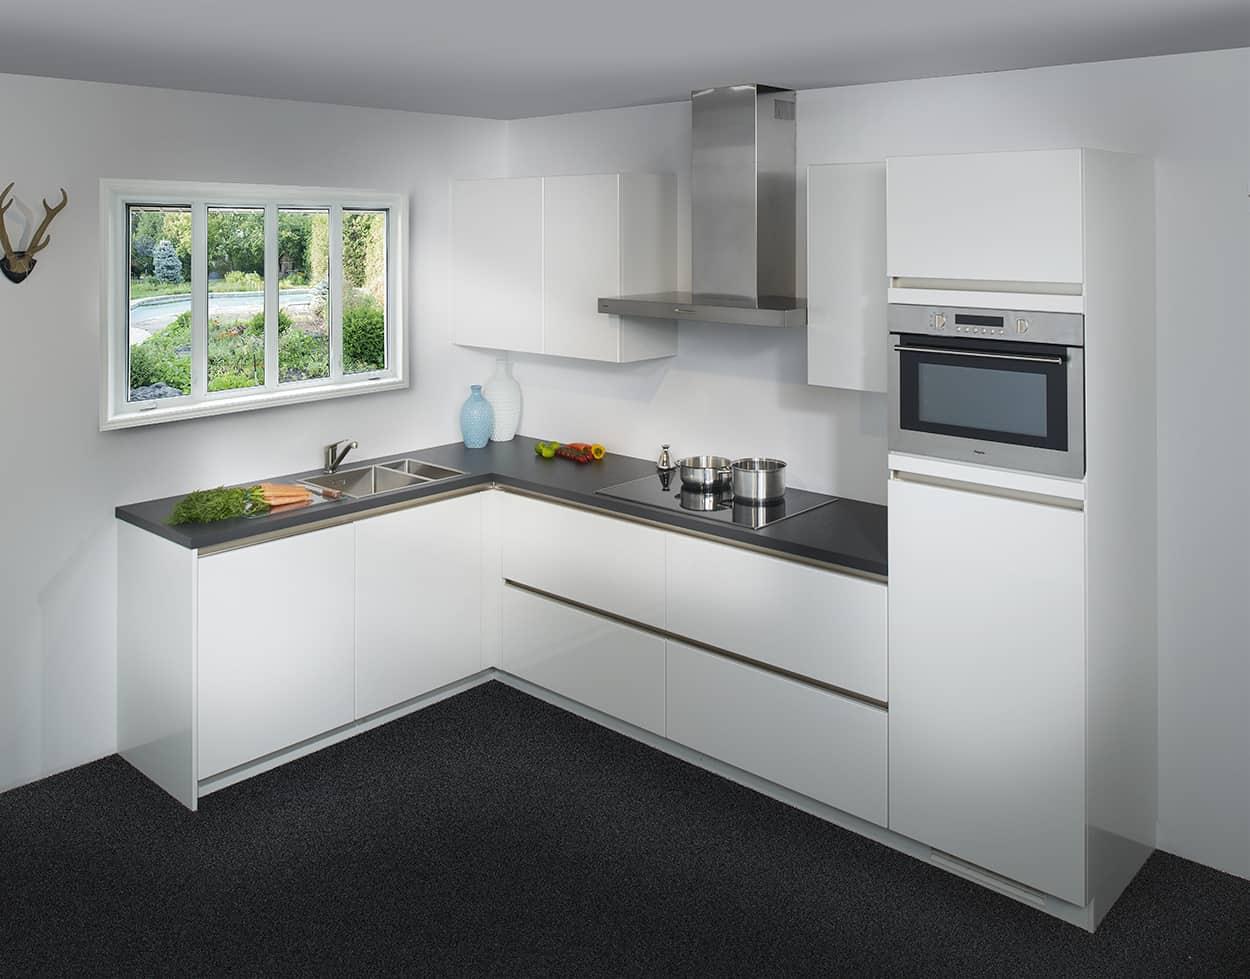 Design Keukens Heemskerk : Showroomkeukens uitverkoop grijp uw kans keukenwarenhuis